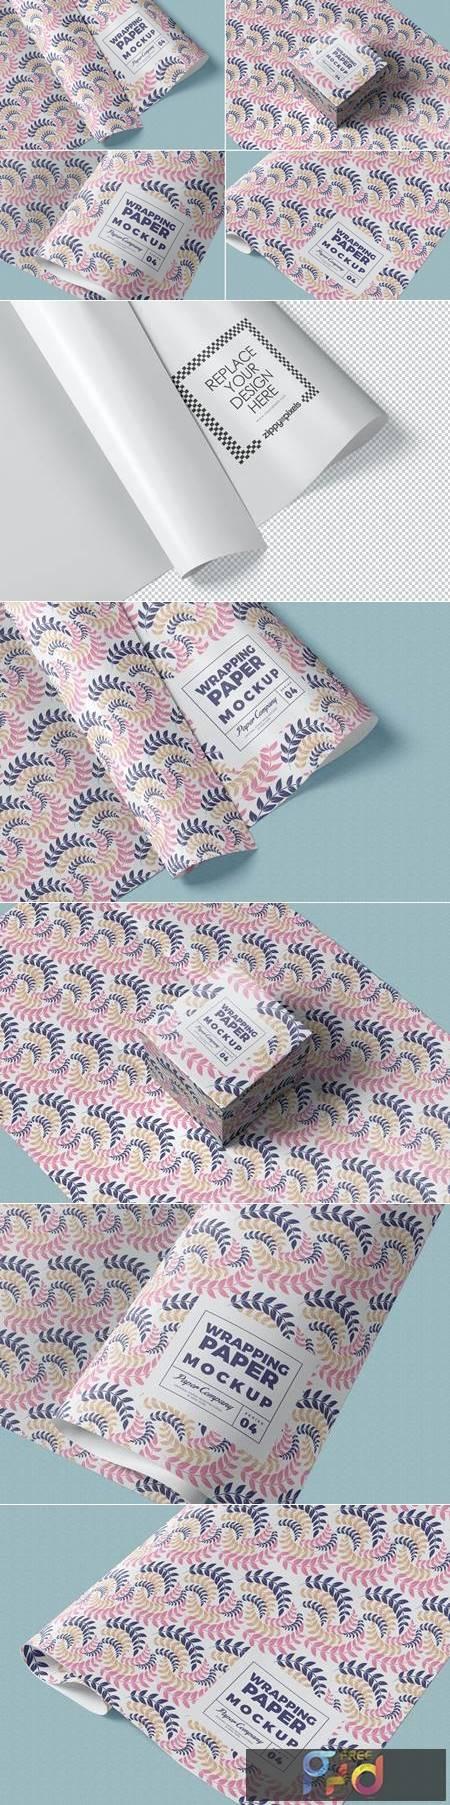 Wrapping Paper Mockups SEUWANG 1